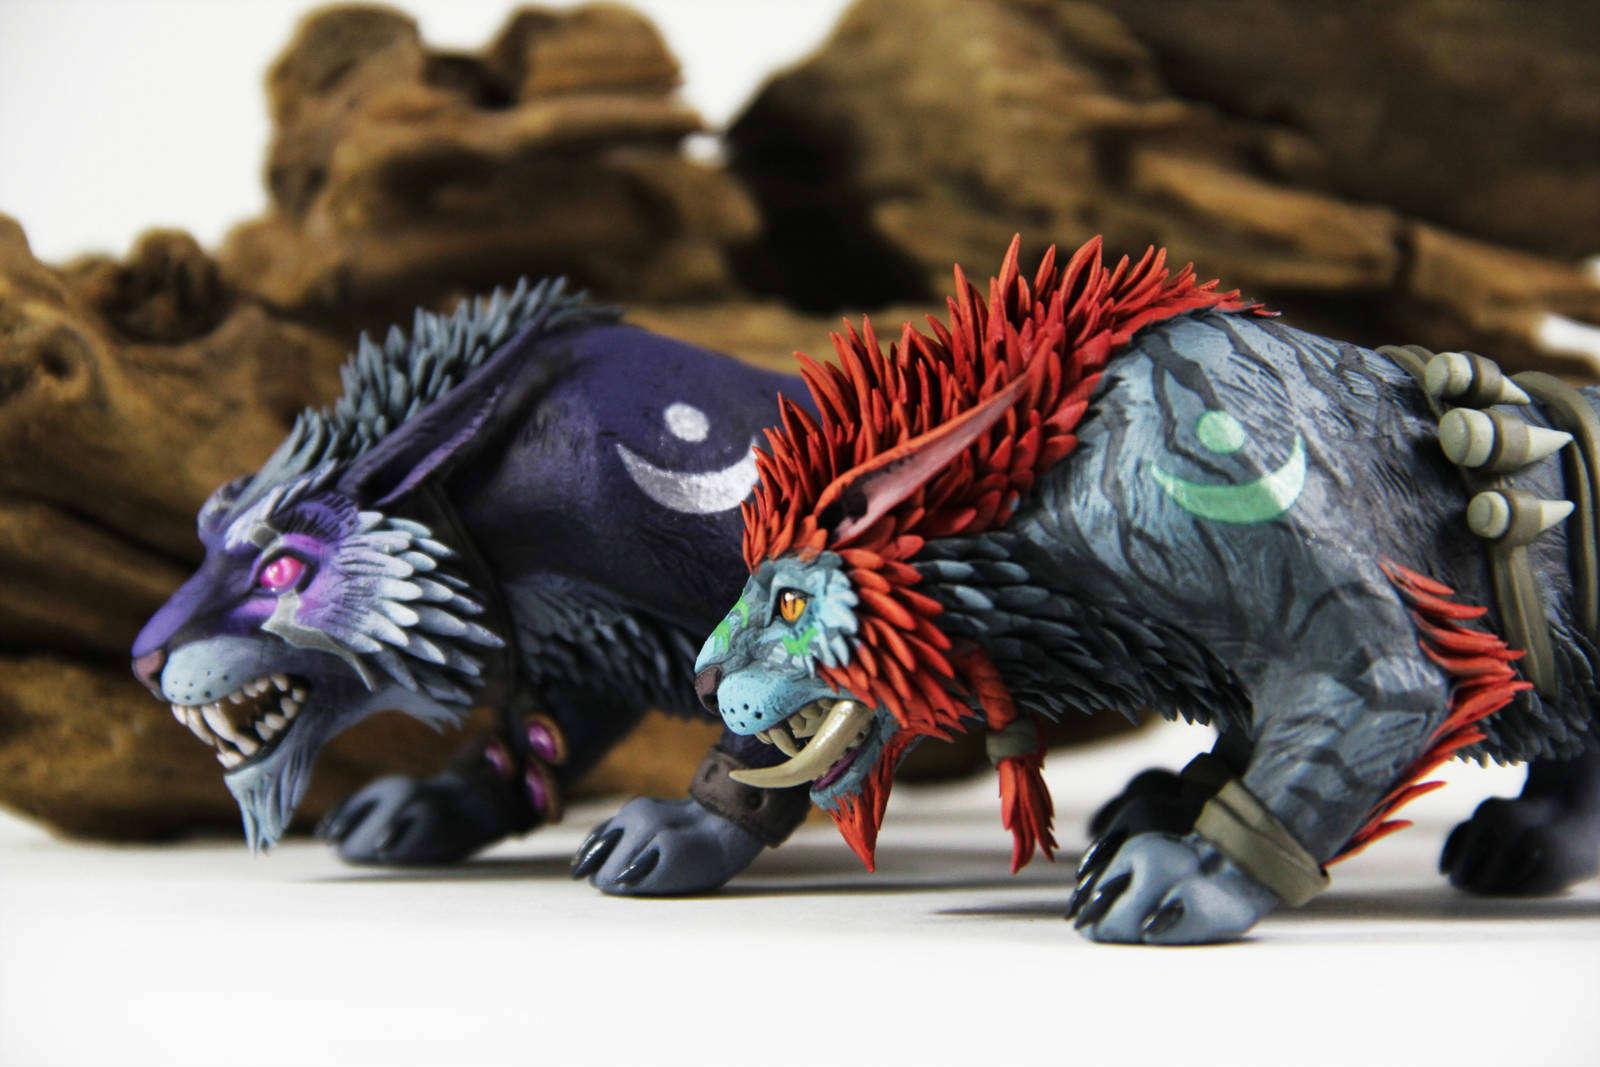 魔兽国外玩家手工作品欣赏 暗夜精灵与巨魔德鲁伊